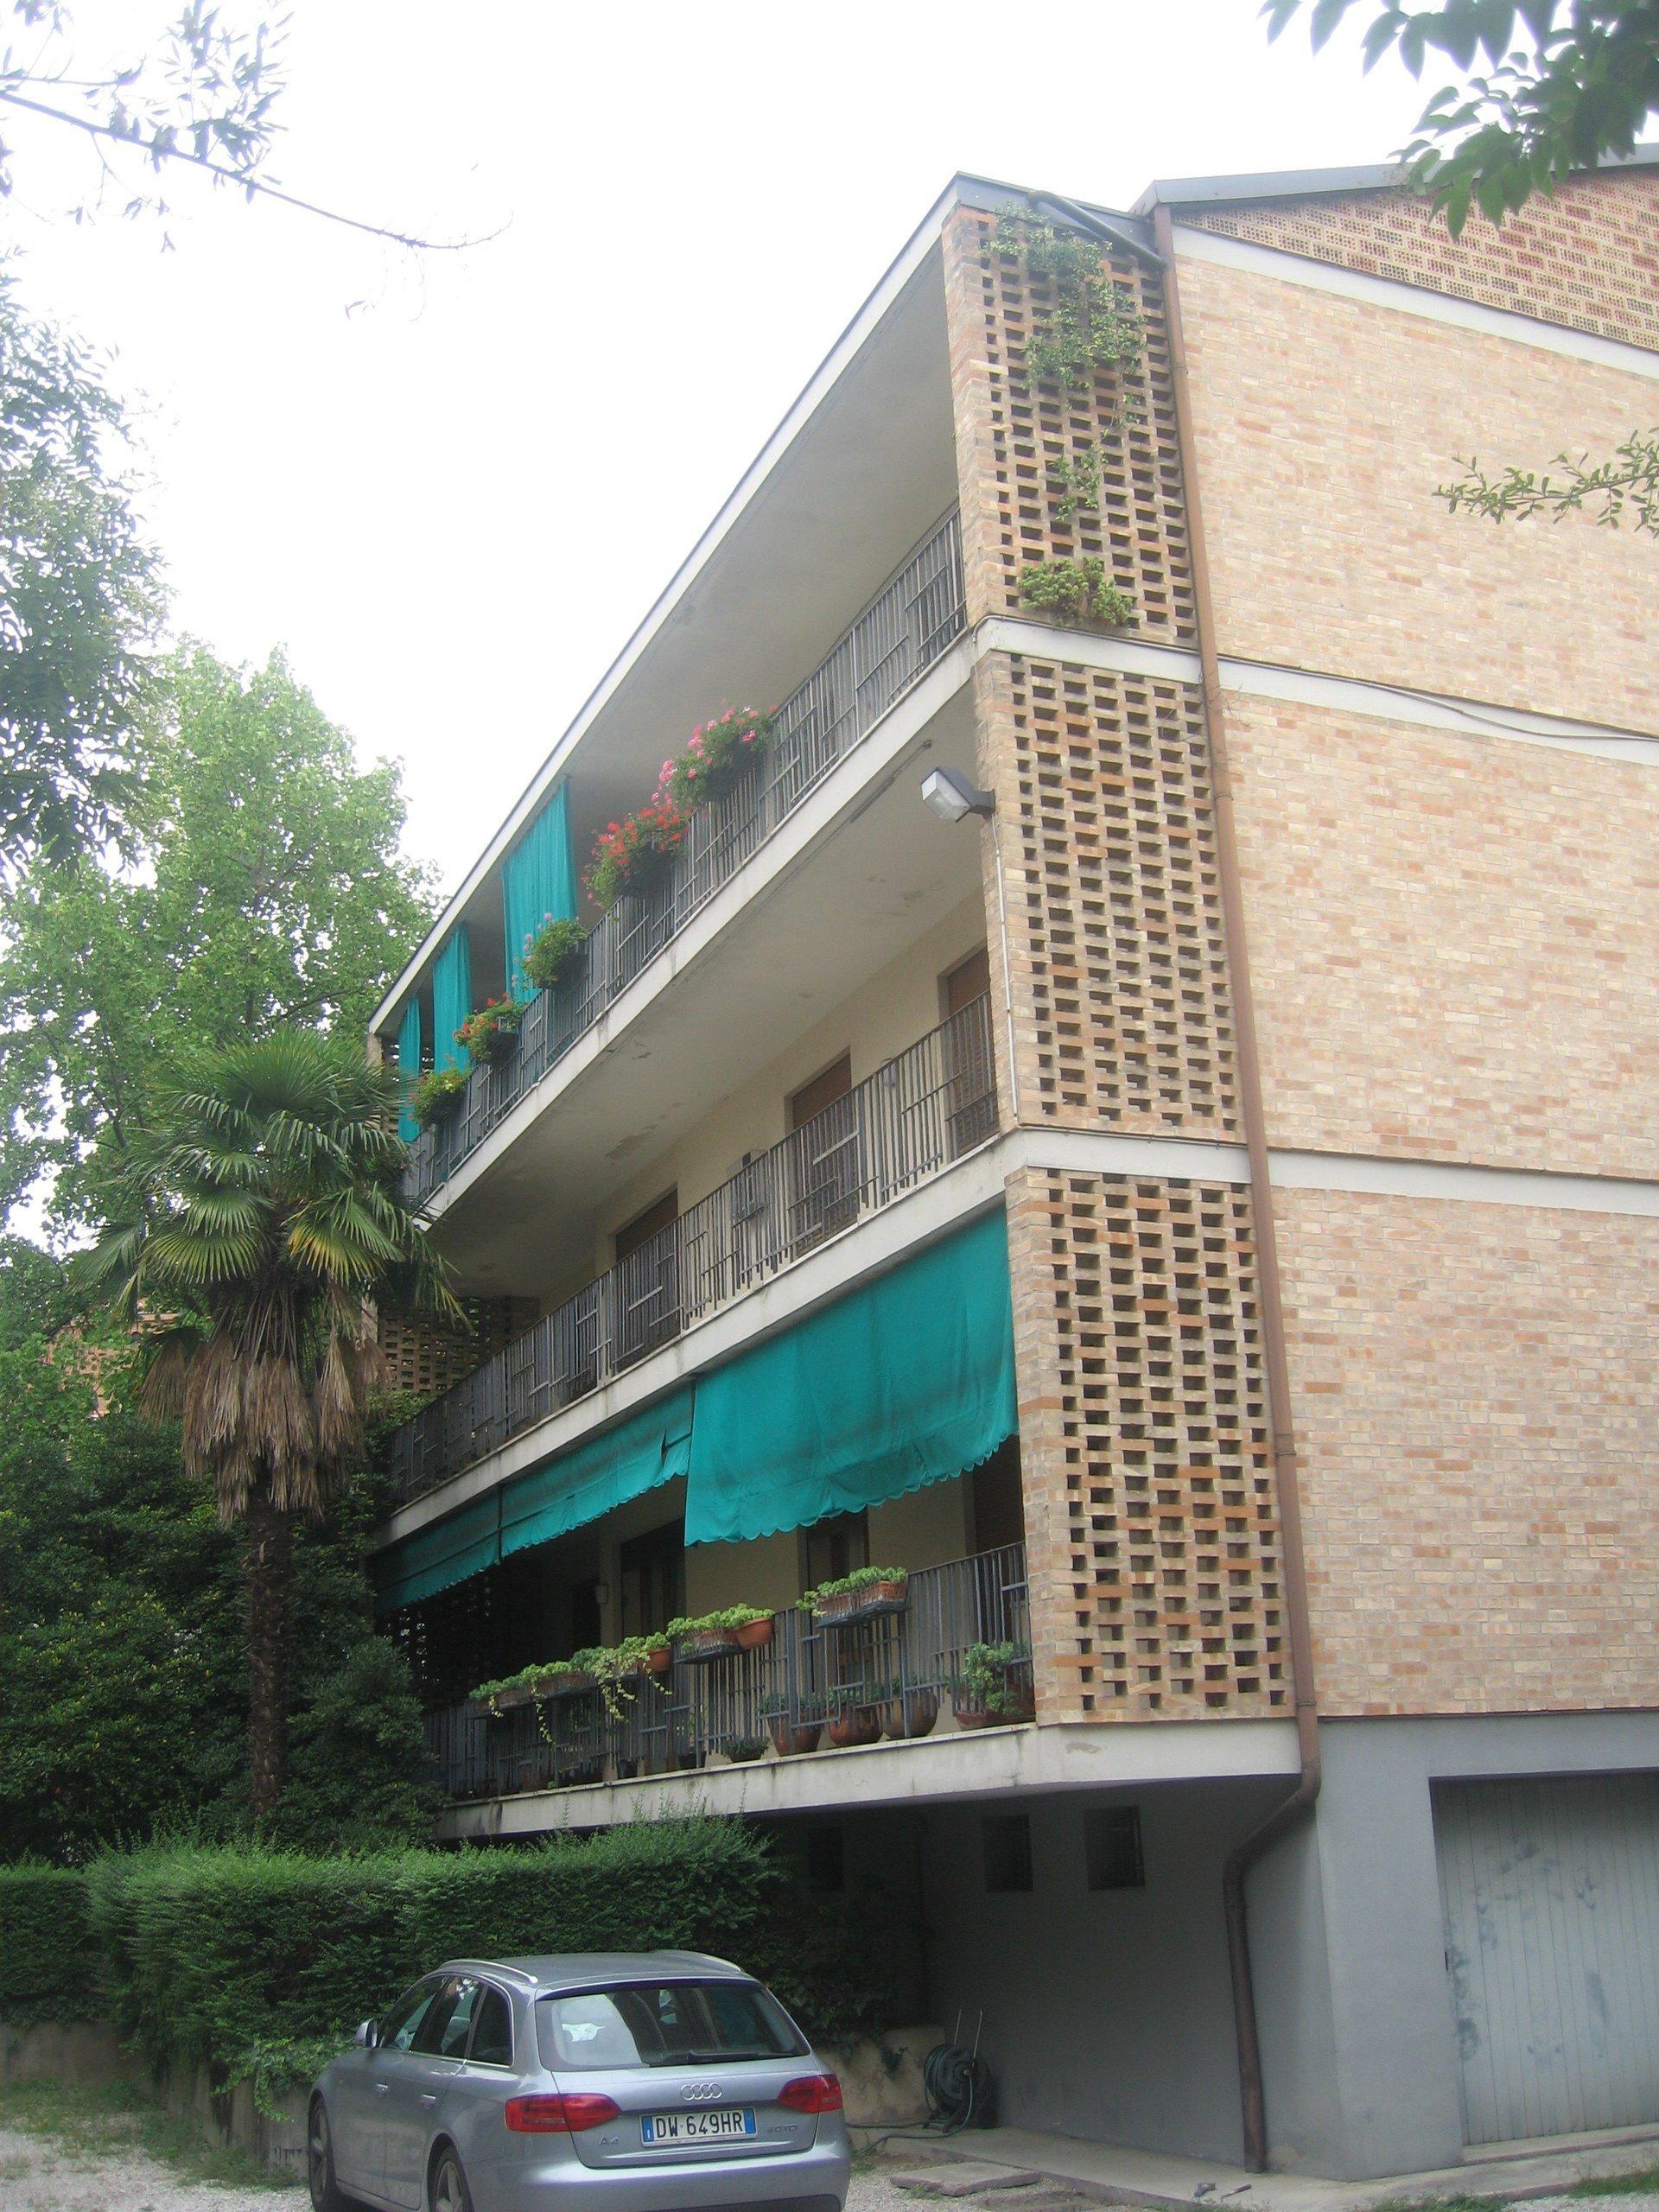 panoramica di un edificio con ascensore esterna